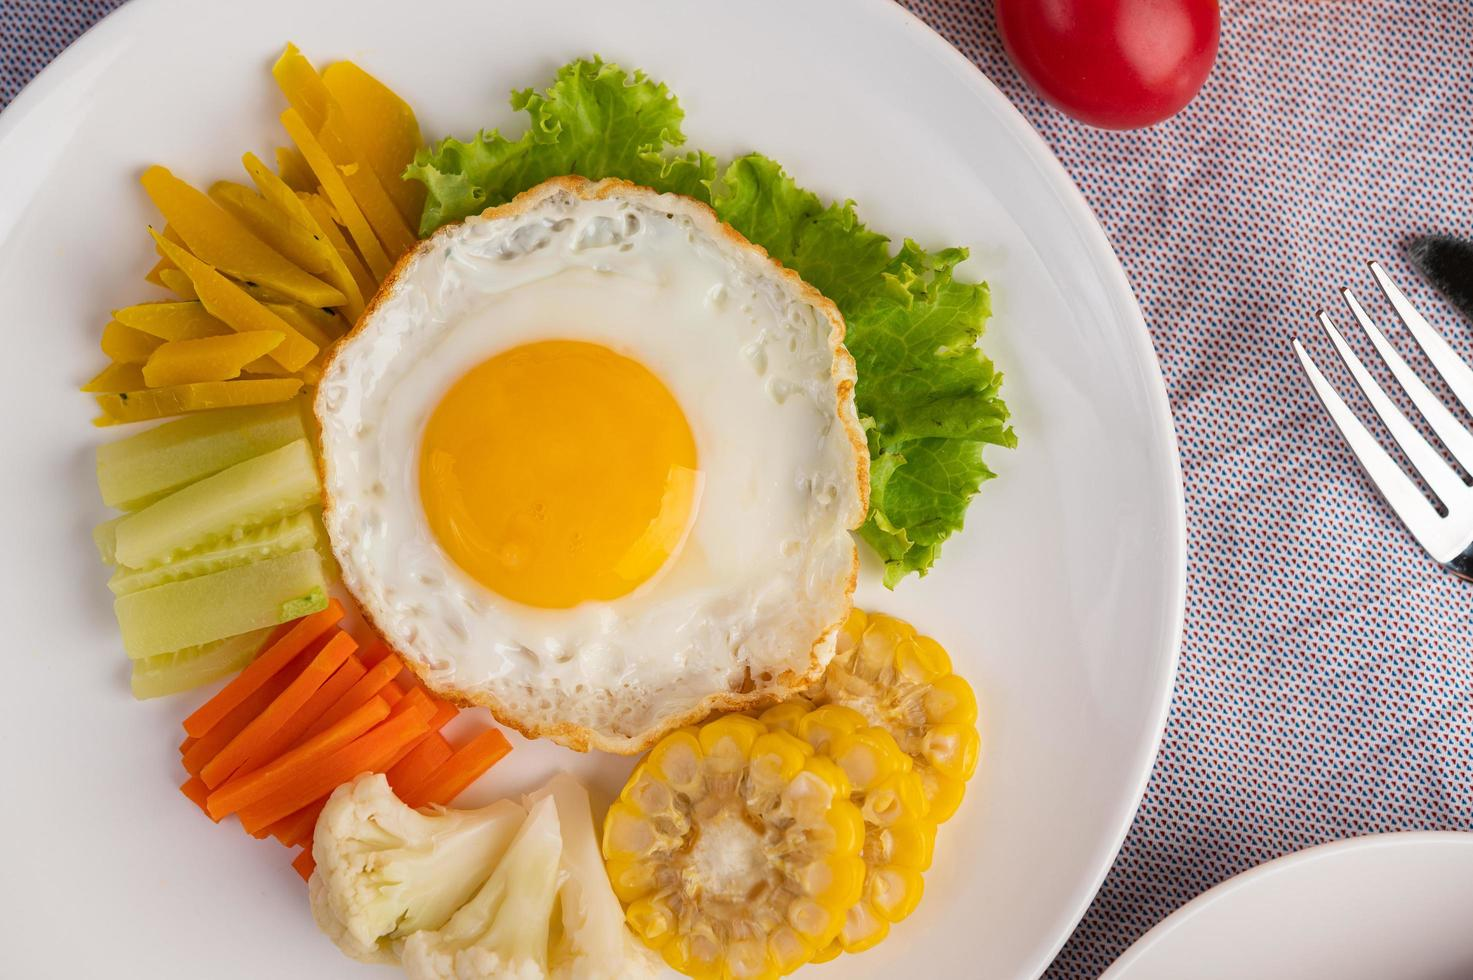 uovo fritto, insalata, zucca, cetriolo, carota, mais, cavolfiore, pomodoro e pane tostato foto